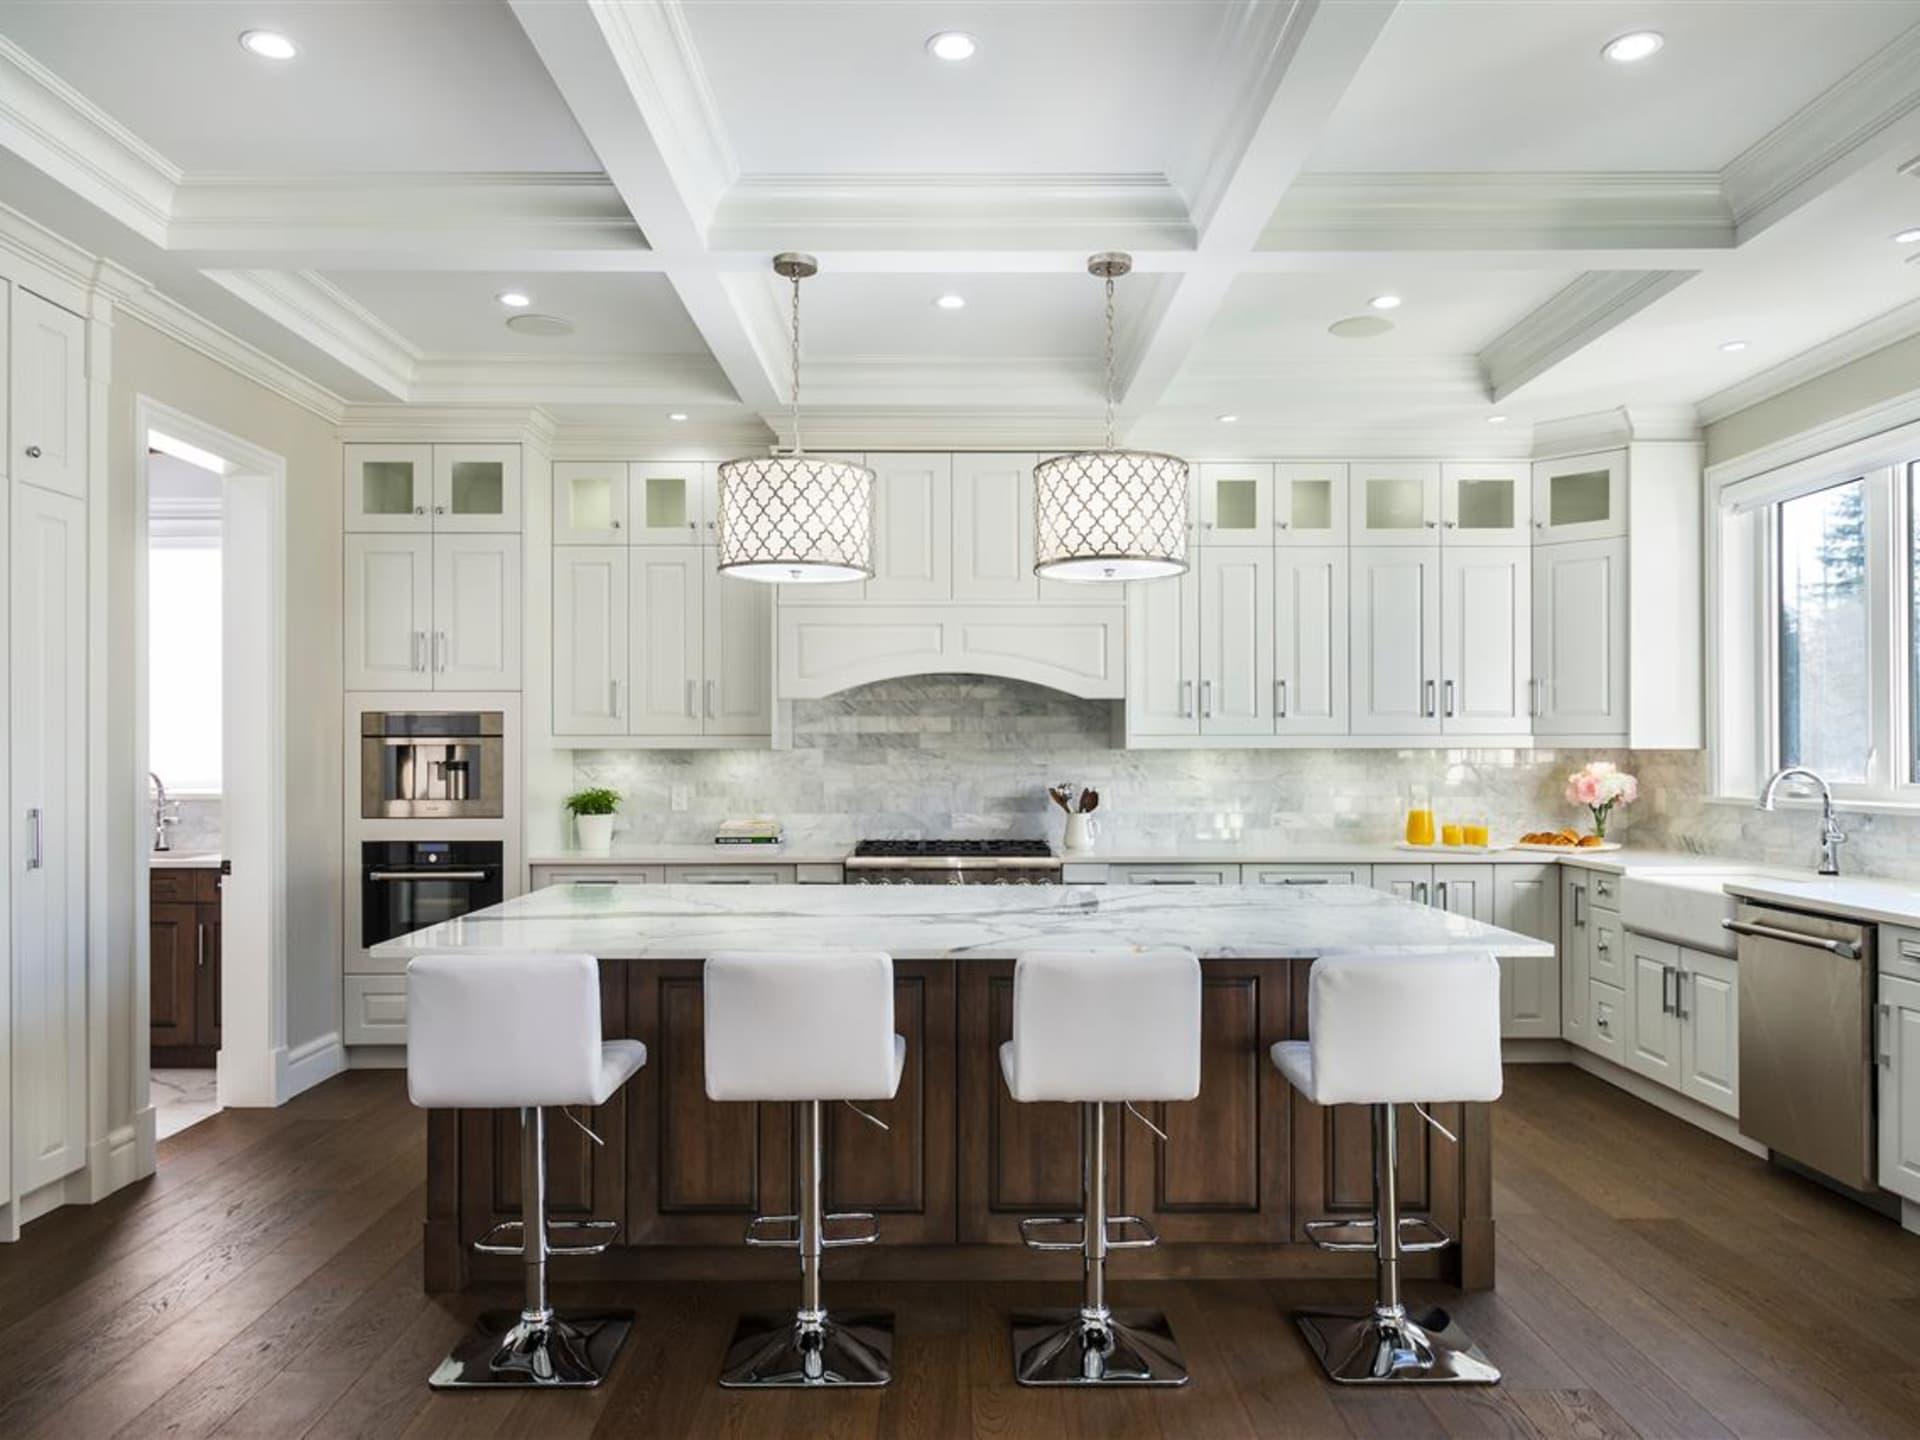 Shelley Cameron - interior design (5)